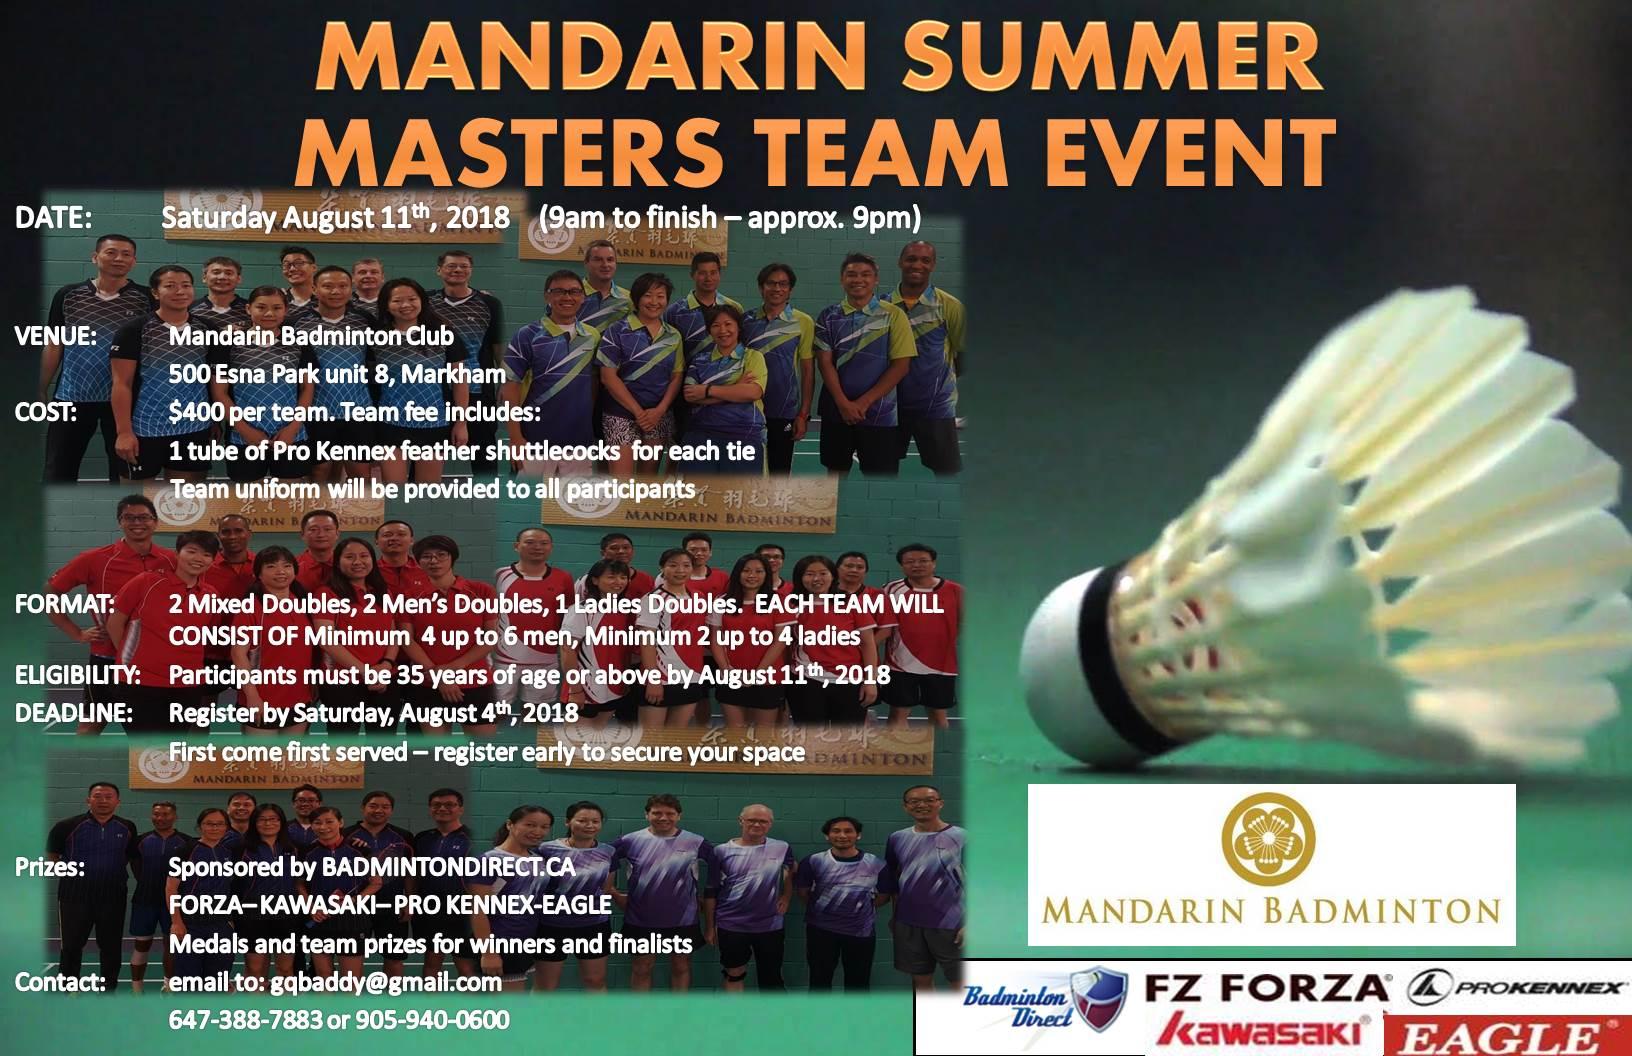 2018 Mandarin Summer Masters Event 8 11 (version 2)